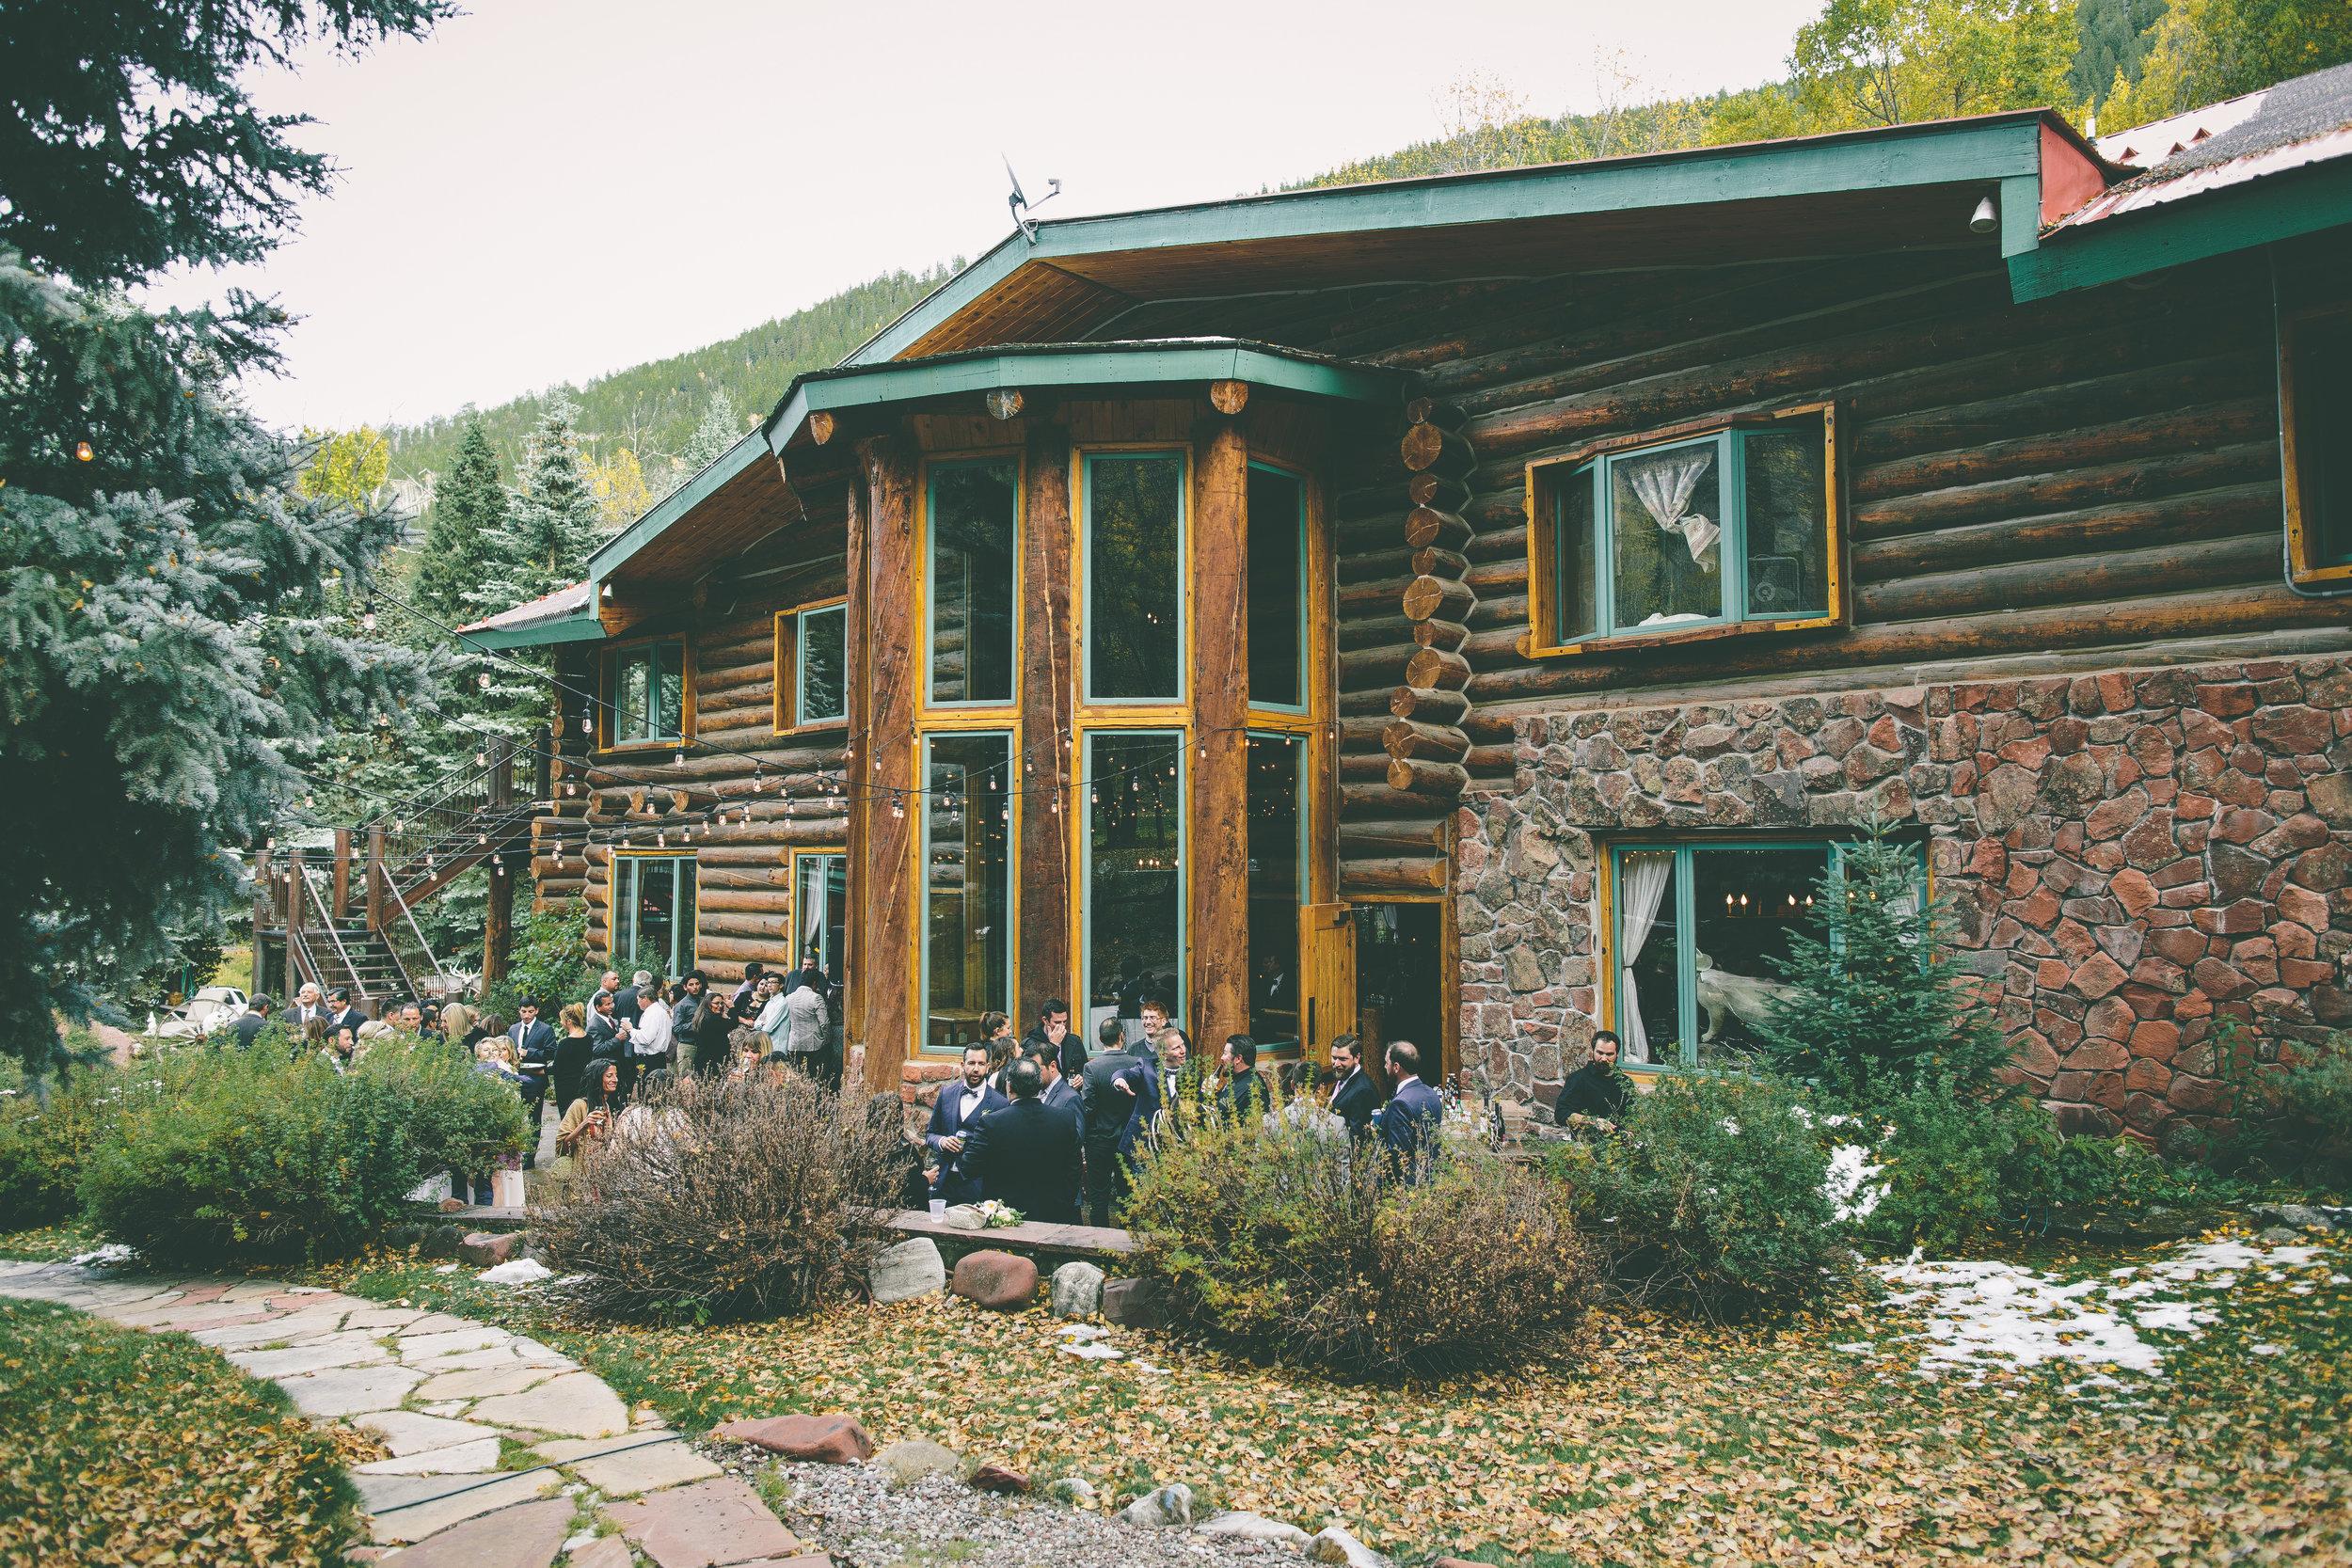 MP_16.10.08_Cass & Jordan Wedding-Aspen-6373-web.jpg